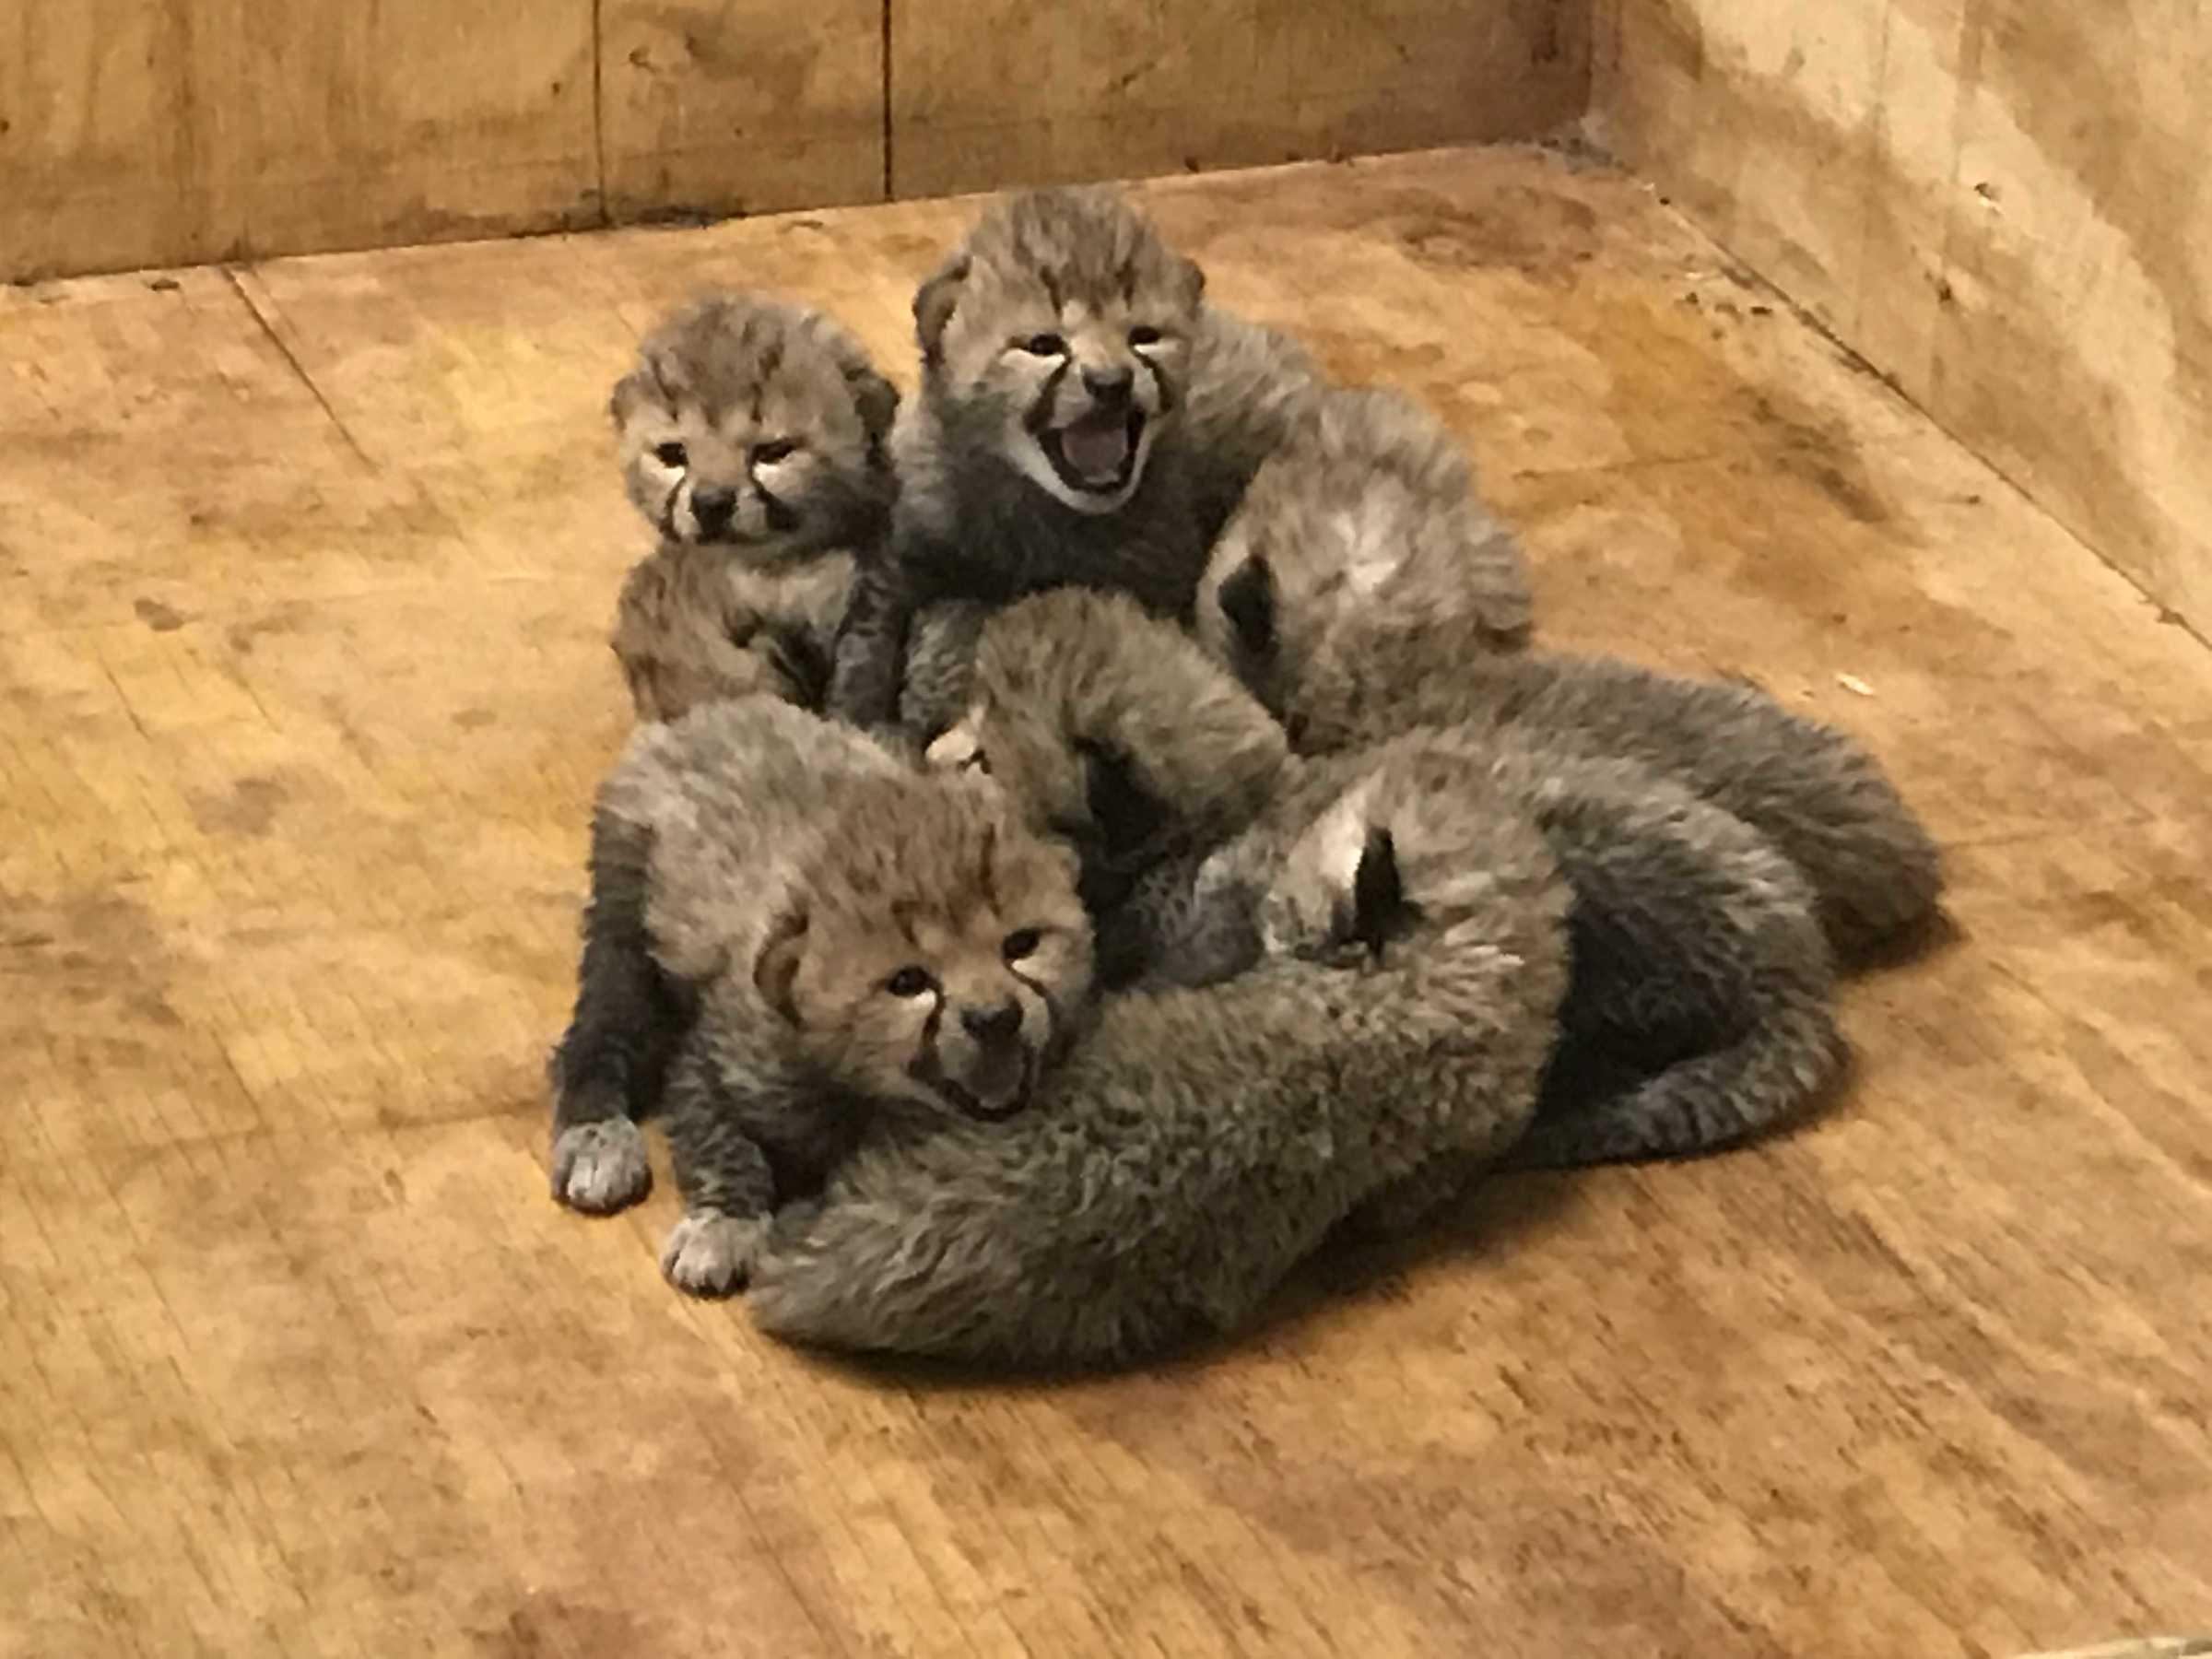 Bingwa_cheetah_and_cubs_pile_DEC_2017